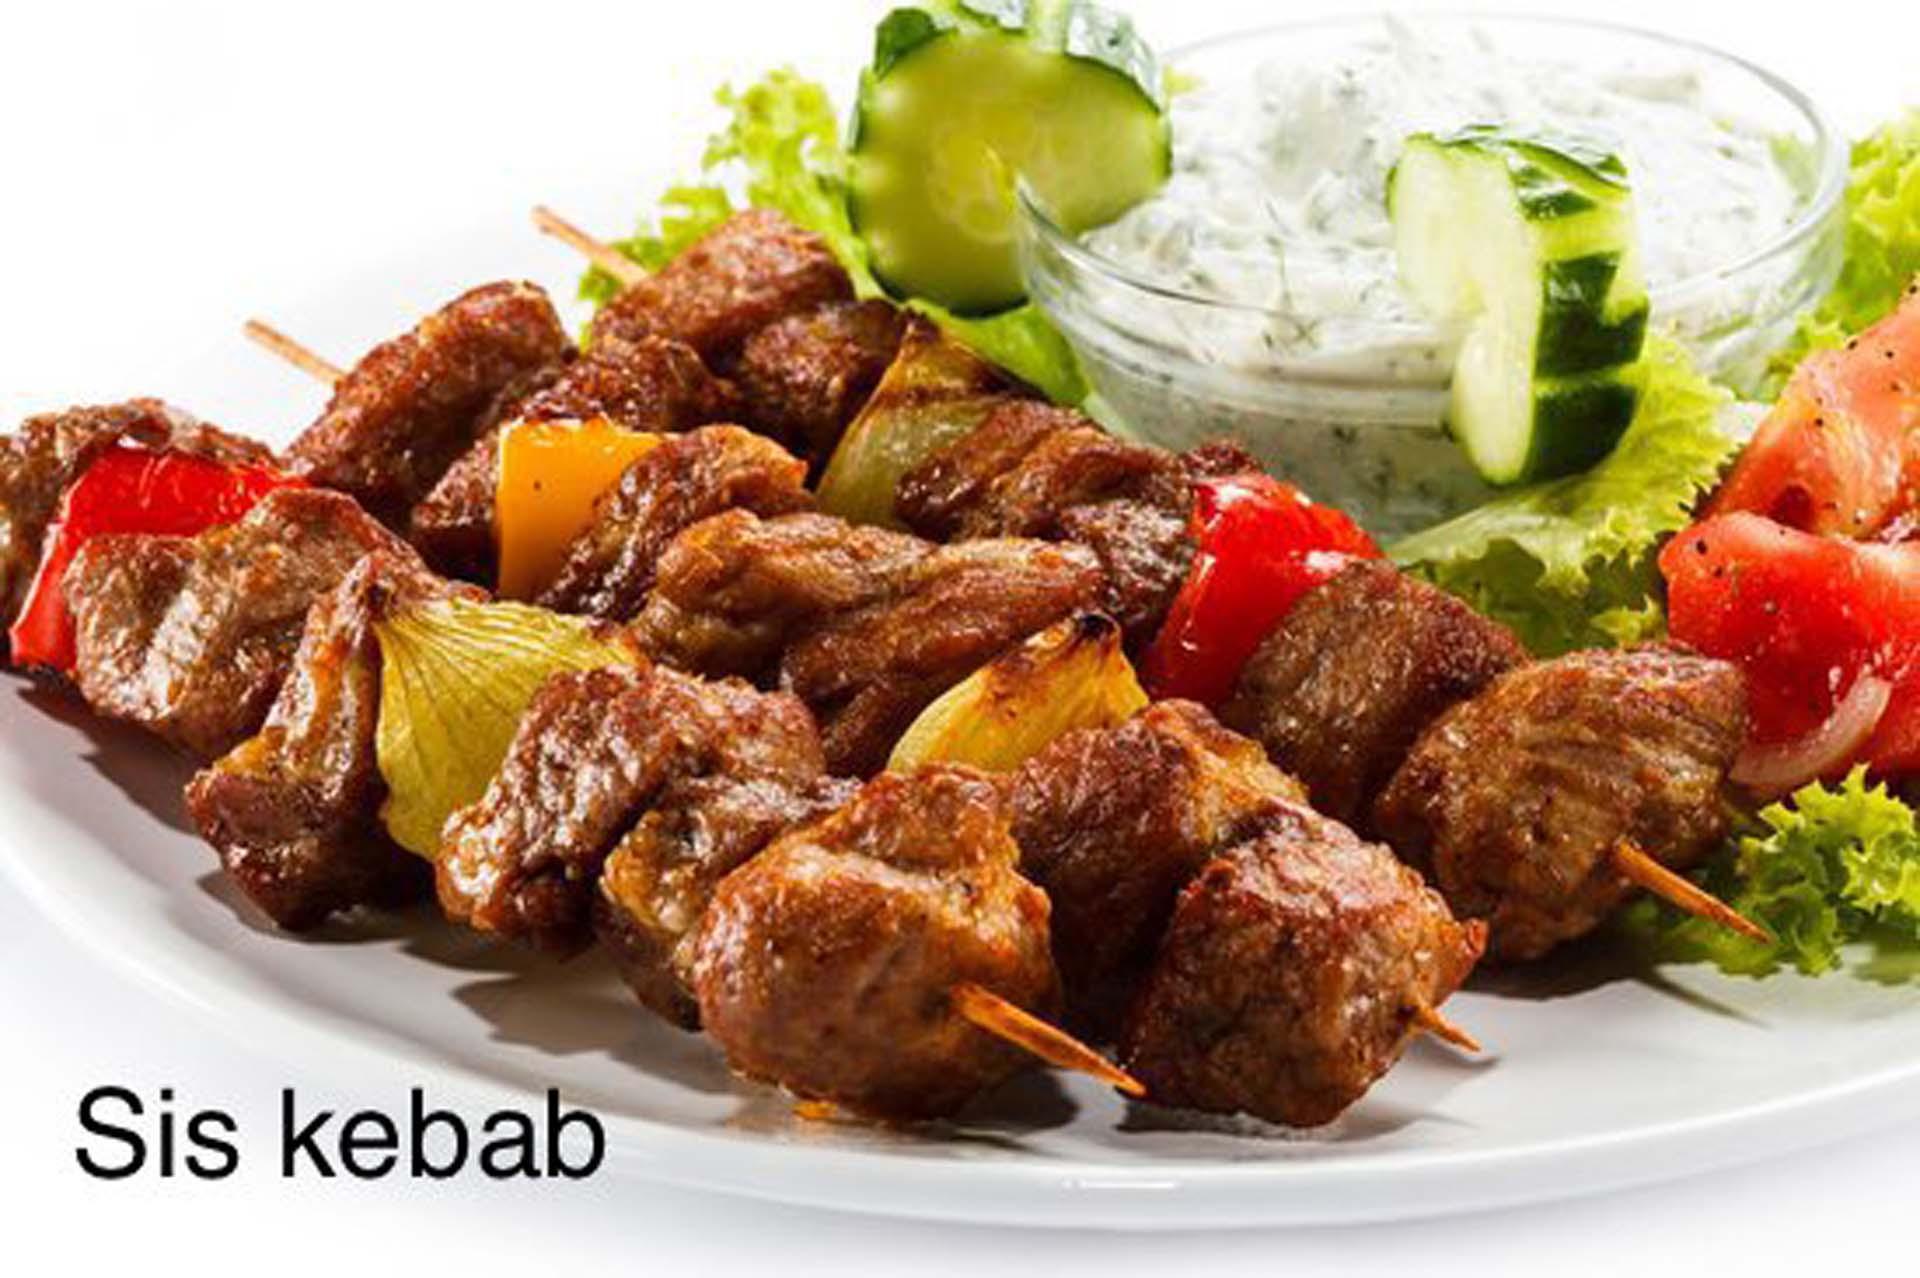 movedis-dietist-voeding-beweging-rotterdam-zuid_Turkse-keuken-Sis-kebab-geroosterd-rundvlees-spiesen.jpg